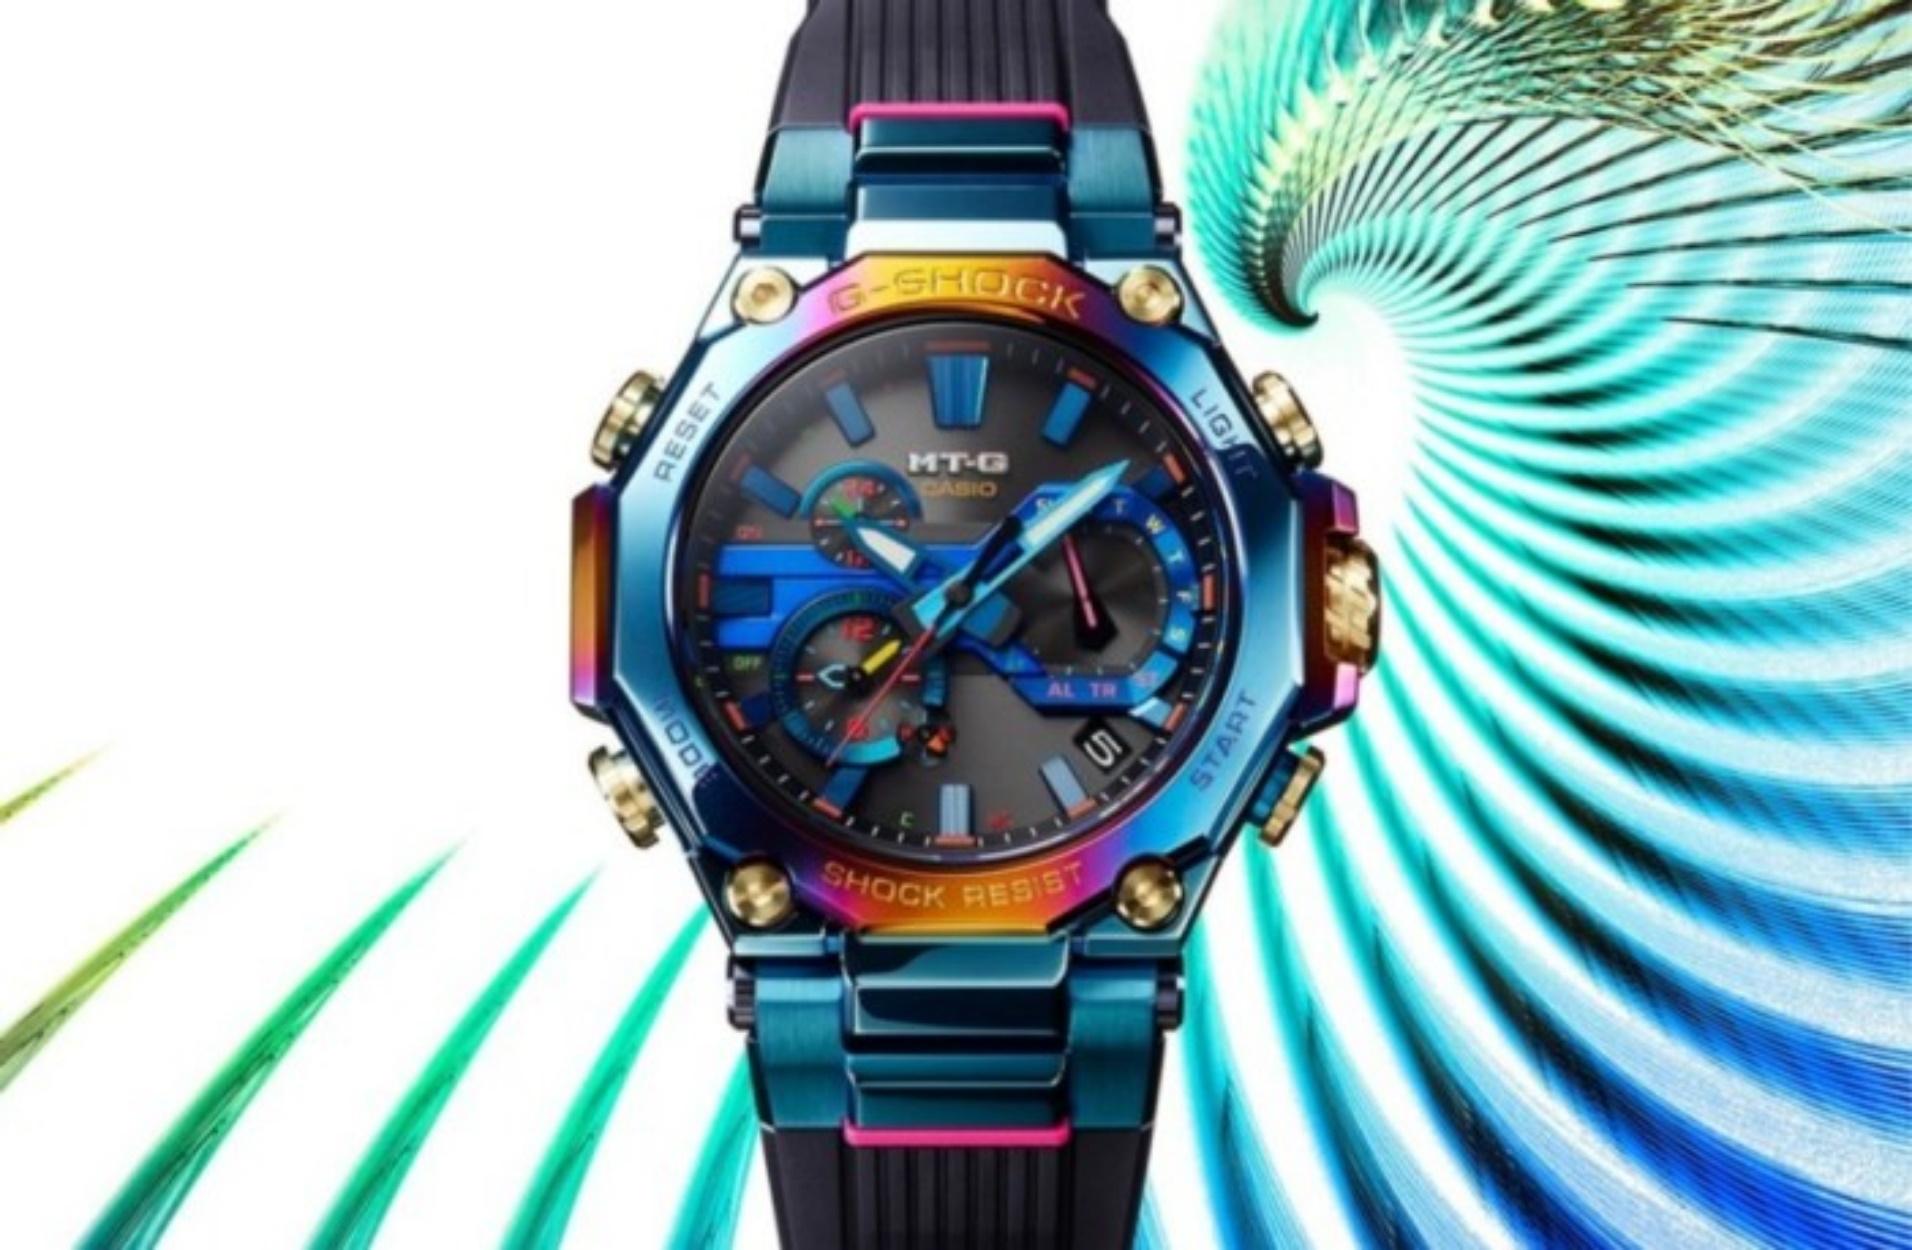 Δείτε το πολύχρωμο ρολόι που πρόκειται να κυκλοφορήσει τον Ιούνιο η G-Shock